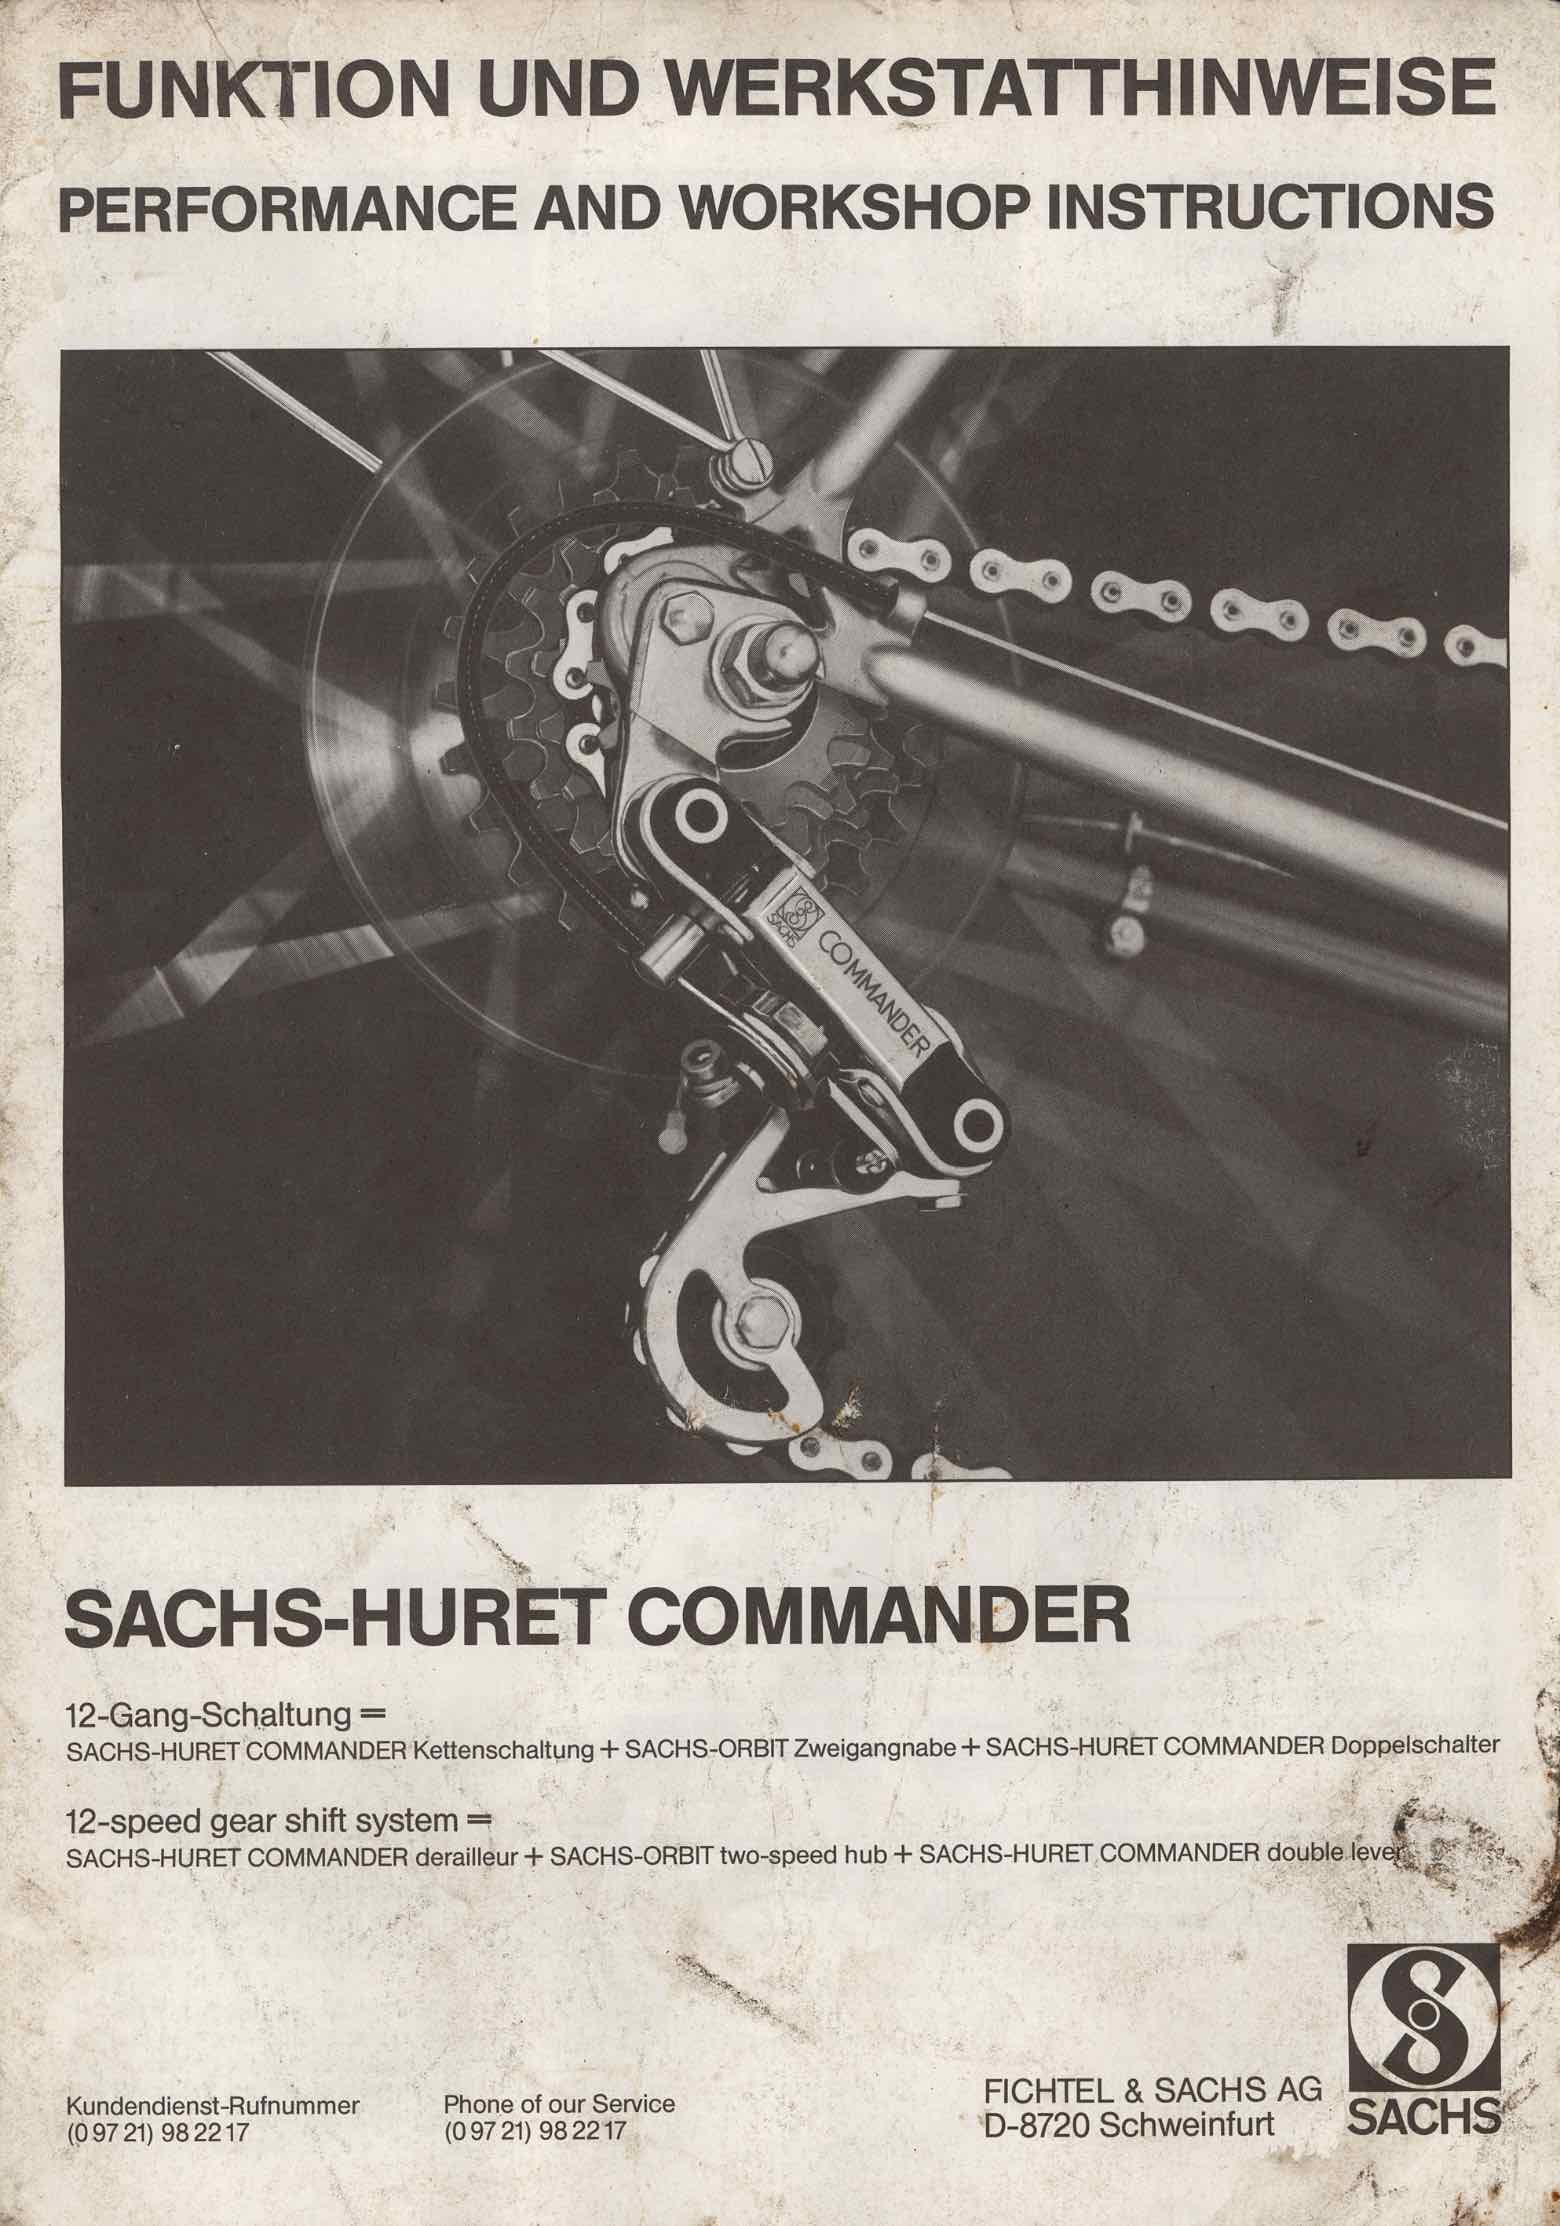 Sachs-Huret Commander derailleur - instructions